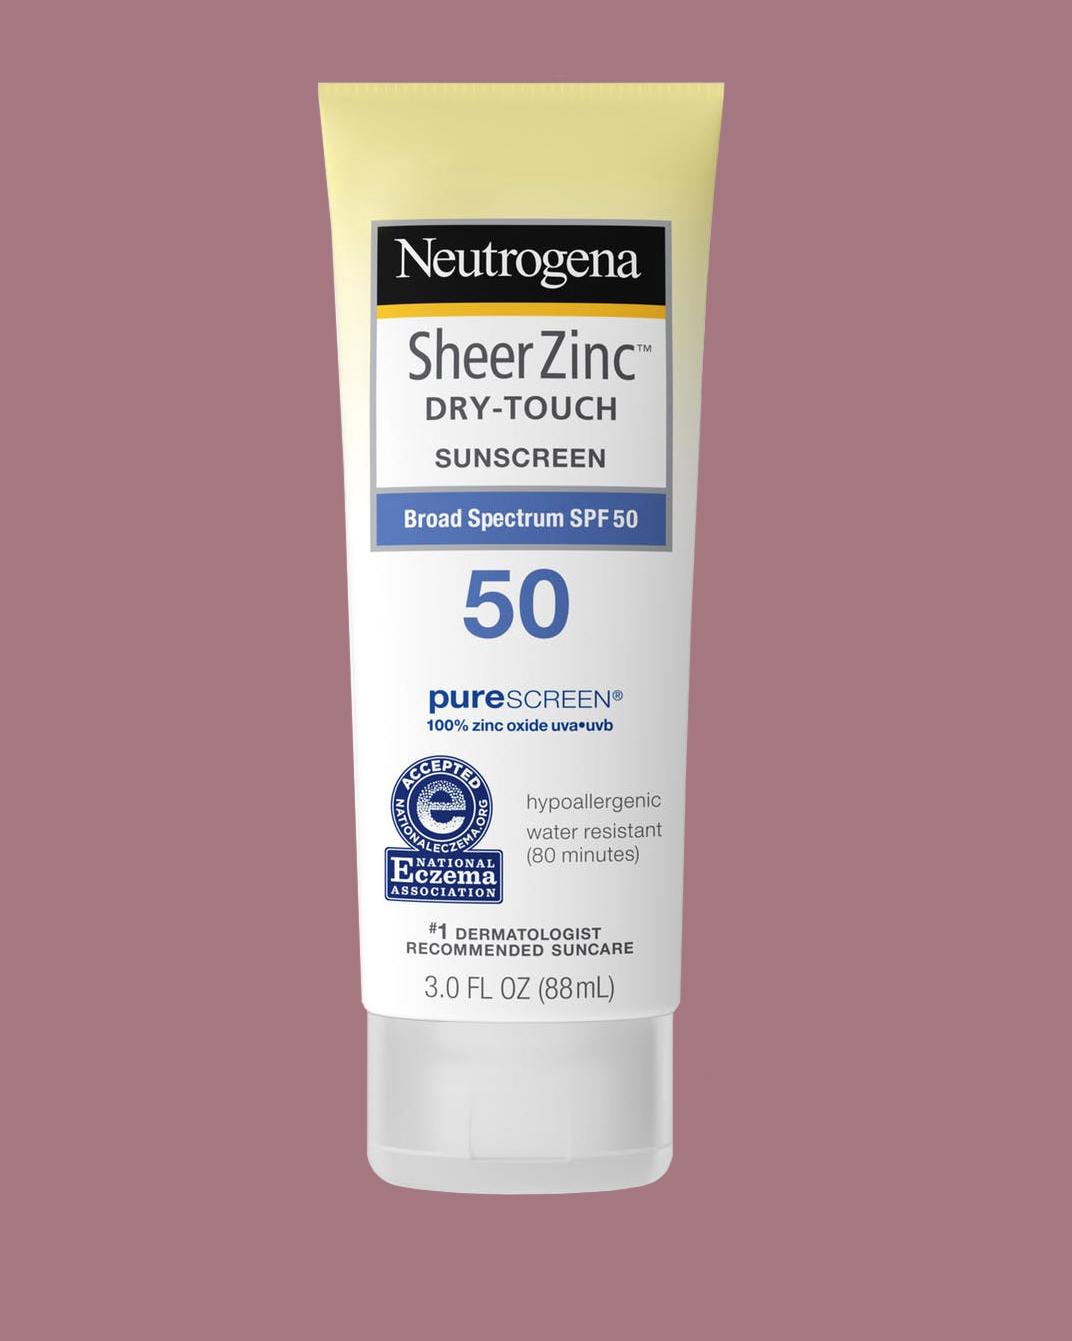 Neutrogena Sheer Zinc Dry-Touch Sunscreen